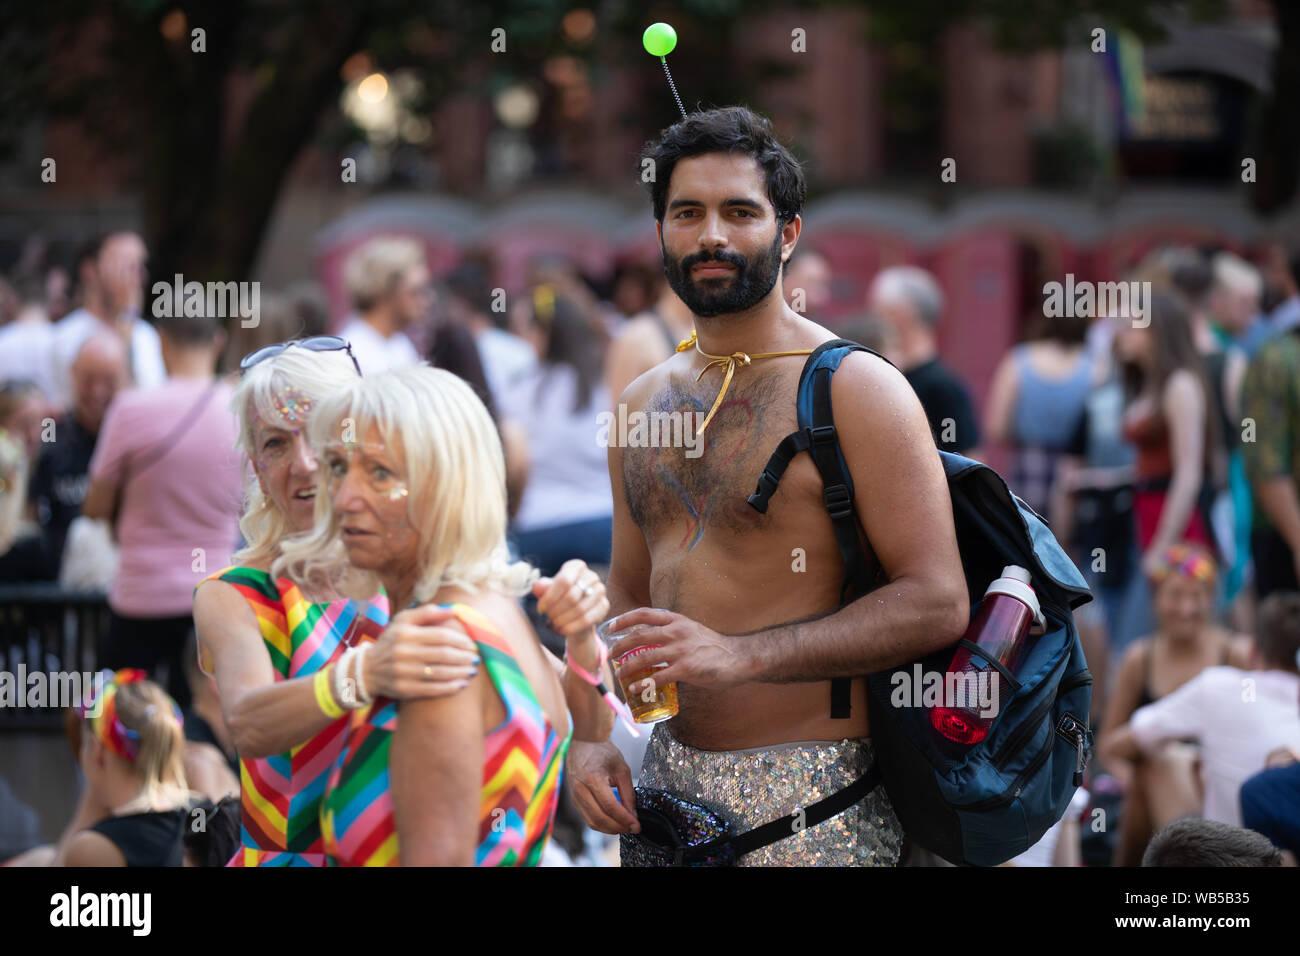 Charlie de Melo, actor, atiende el orgullo de Manchester. Orgullo de Manchester está organizada para celebrar una gran variedad de sexualidades. Crédito: Jonathan Nicholson/Alamy Live News. Foto de stock